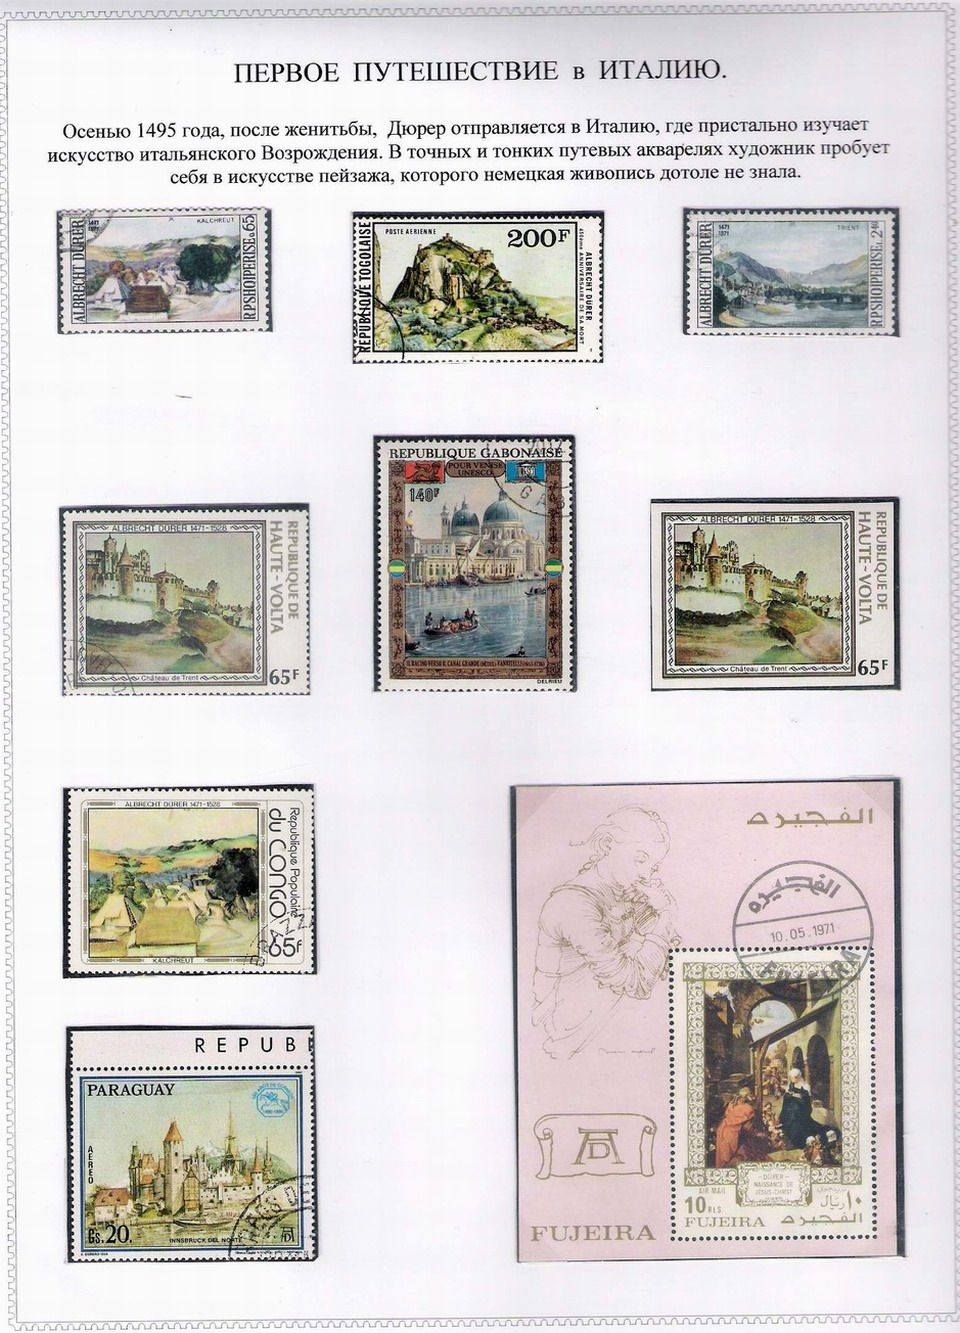 Дюрер и его рисунки